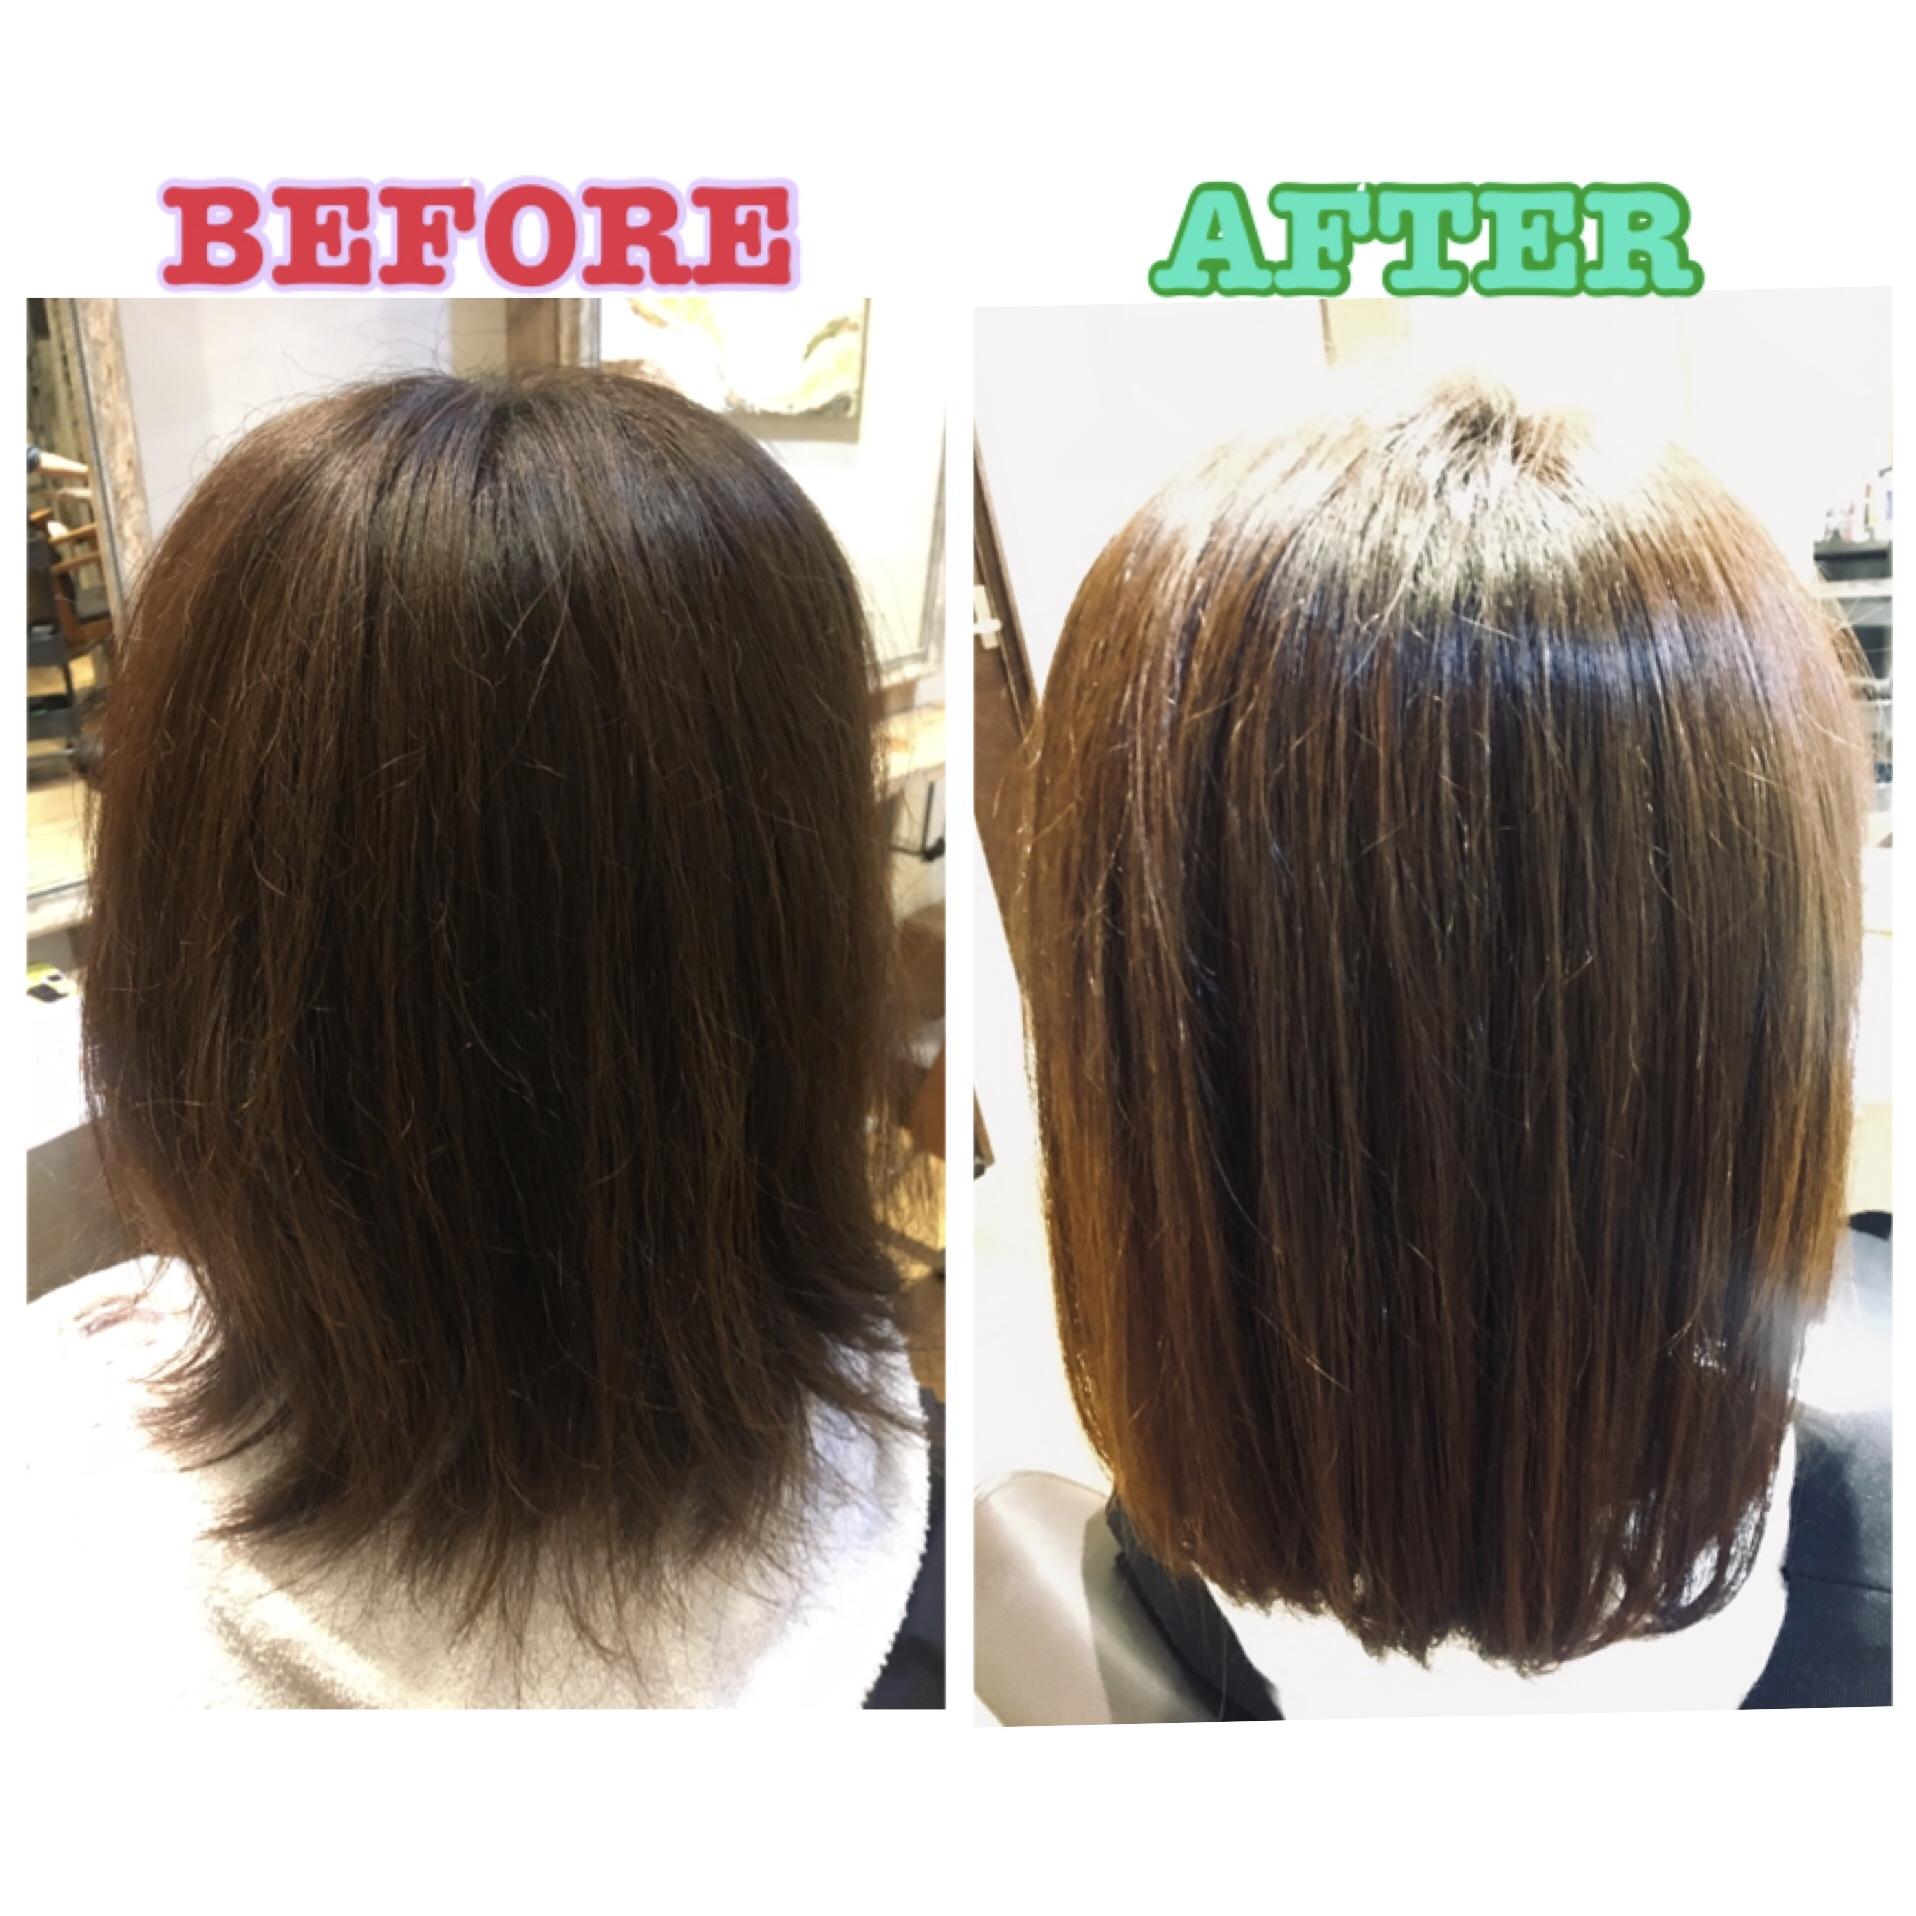 毎日触りたくなる髪へ。髪質改善トリートメント、施術1週間後の効果は…!?_4